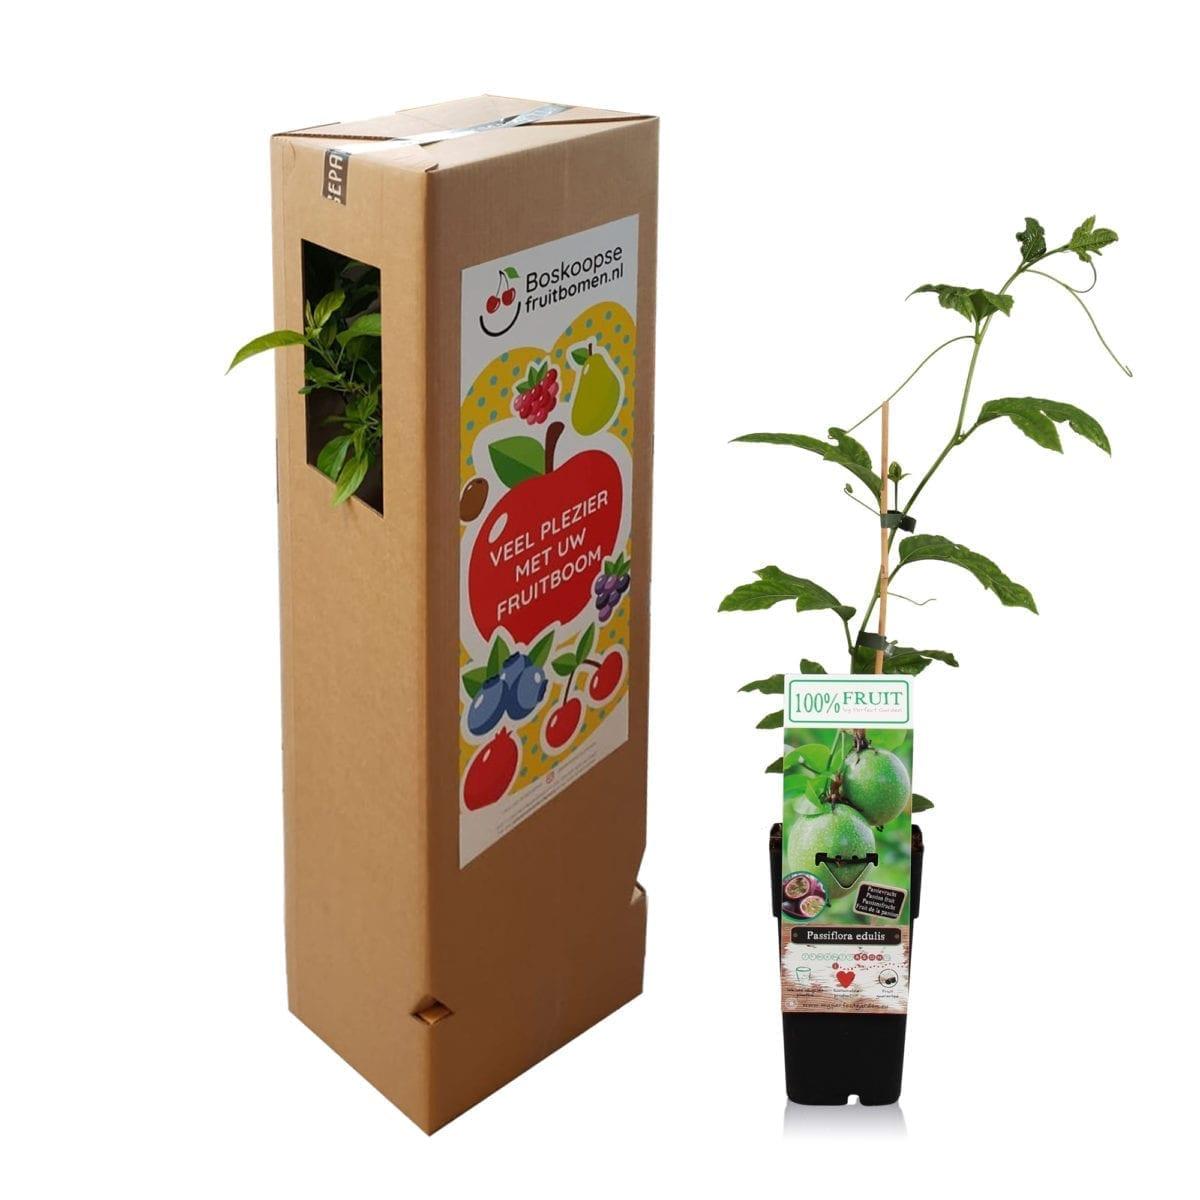 boskoopsefruitbomen   Passiflora edulis met verzenddoos